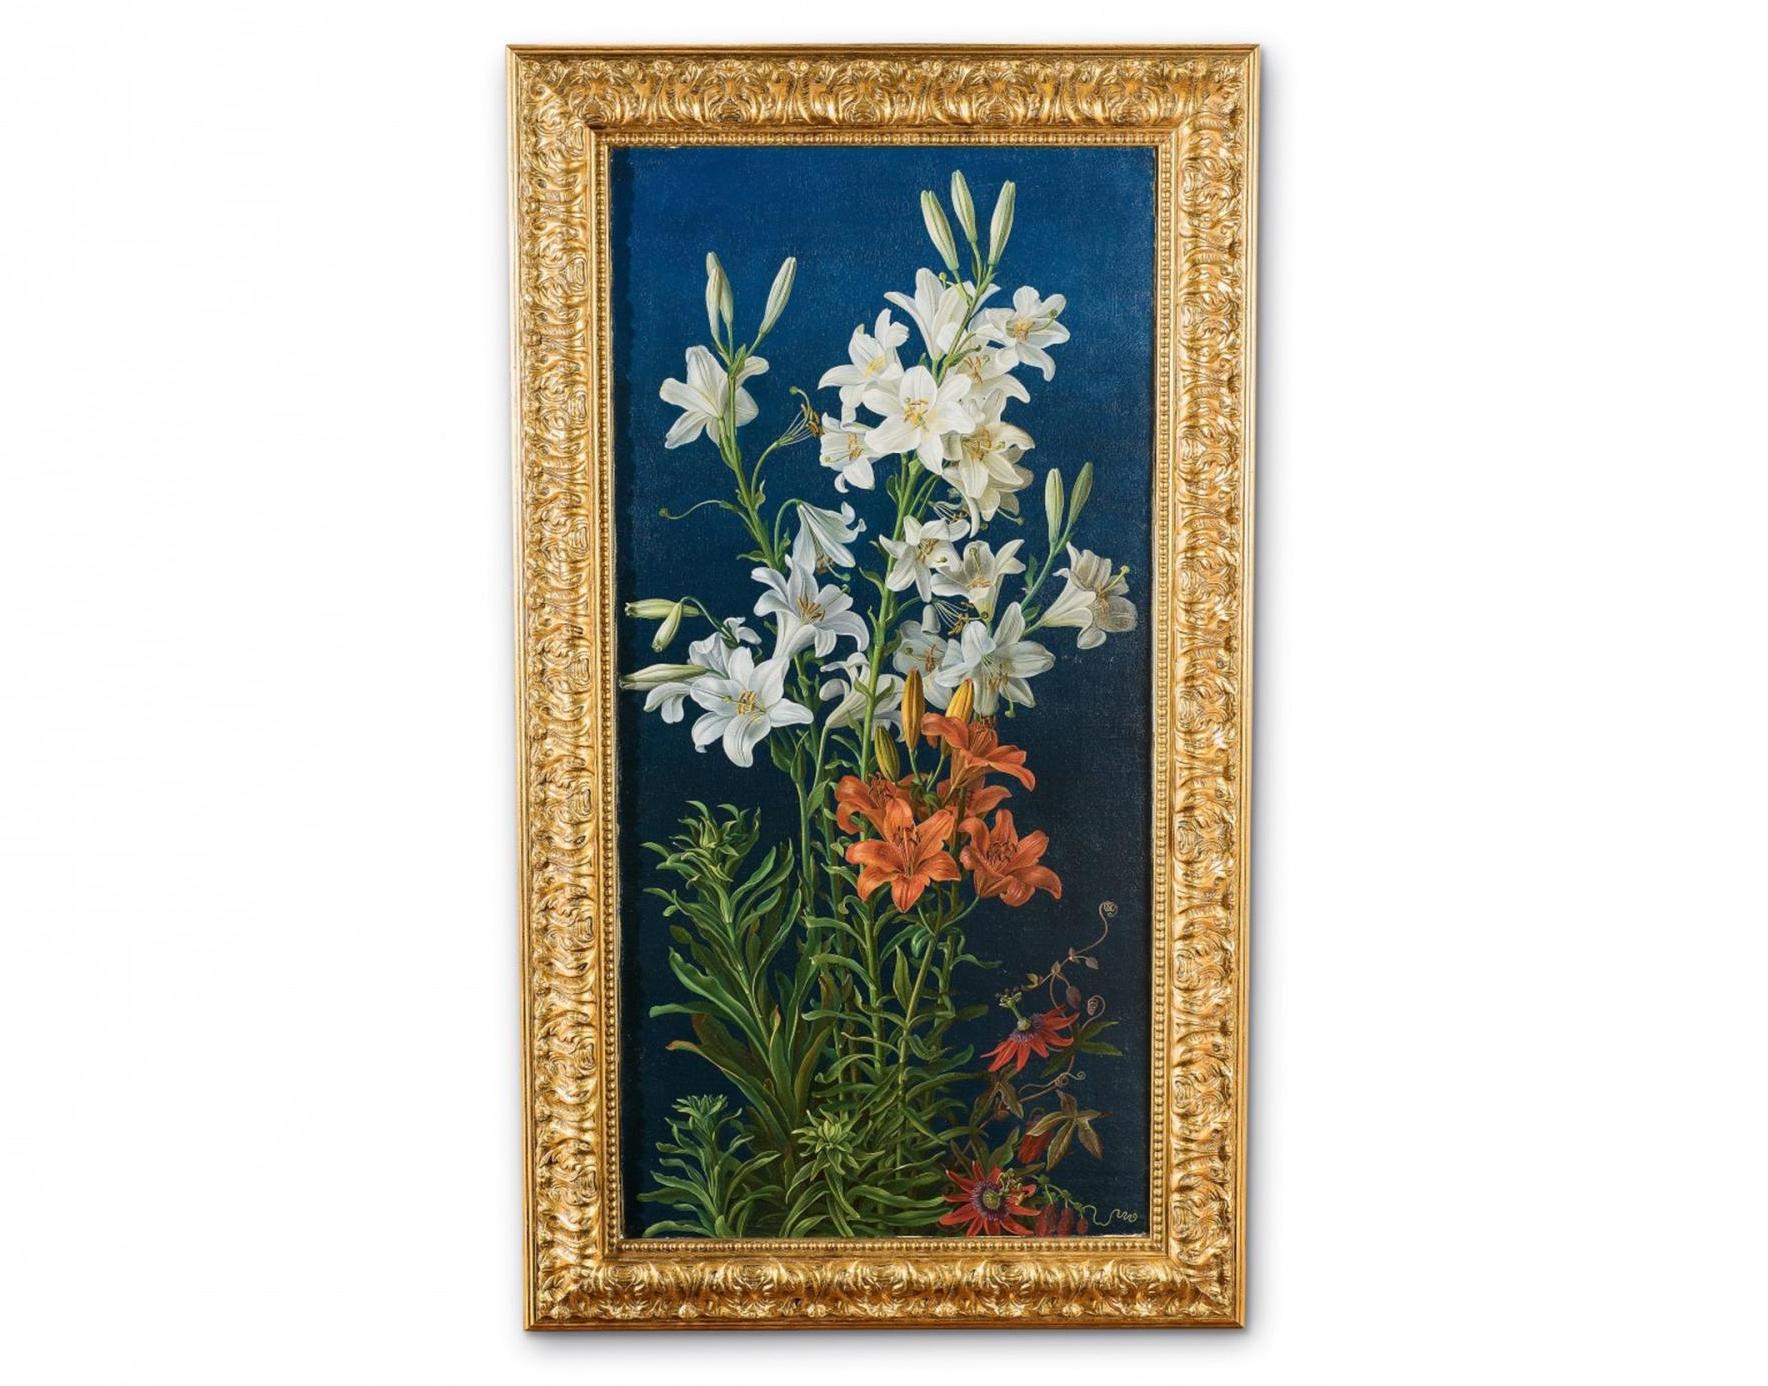 Gottfried Wilhelm Völcker, Lis blancs et lis de feu entrelacés de fleurs de la passion, huile sur toile, 1837, image ©Lempertz